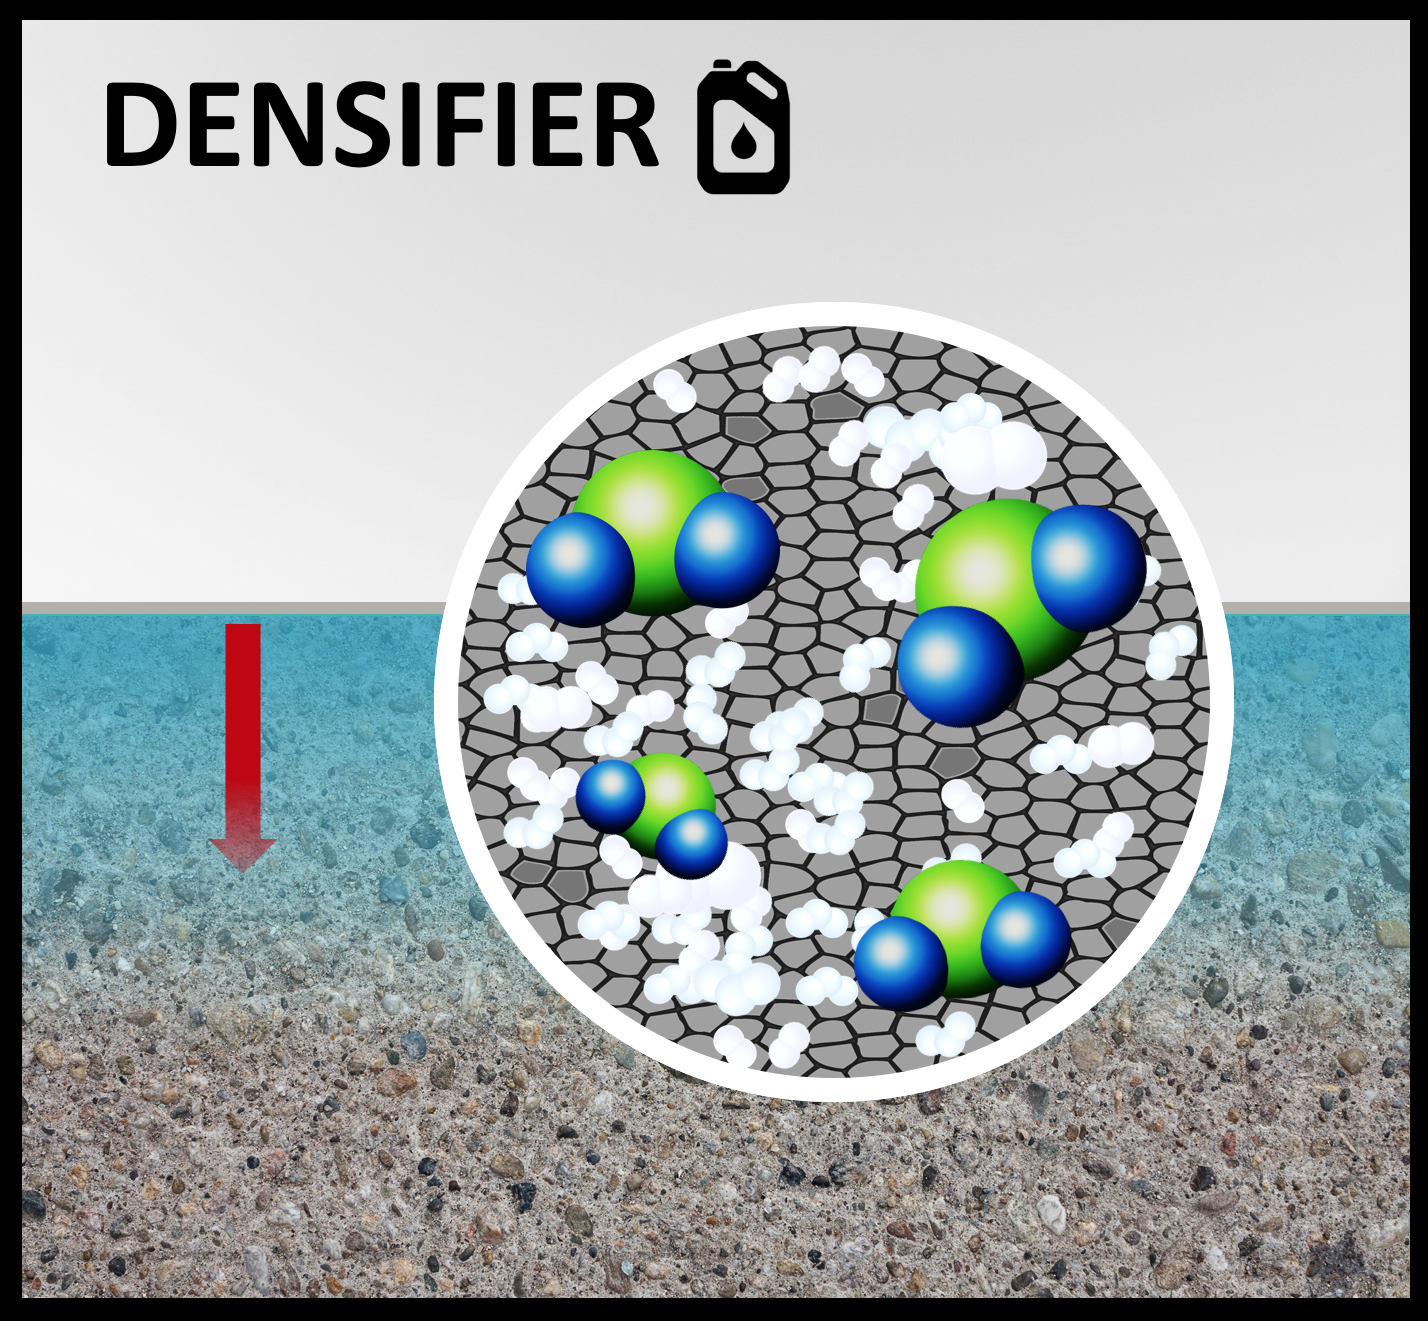 Densifier Graphic